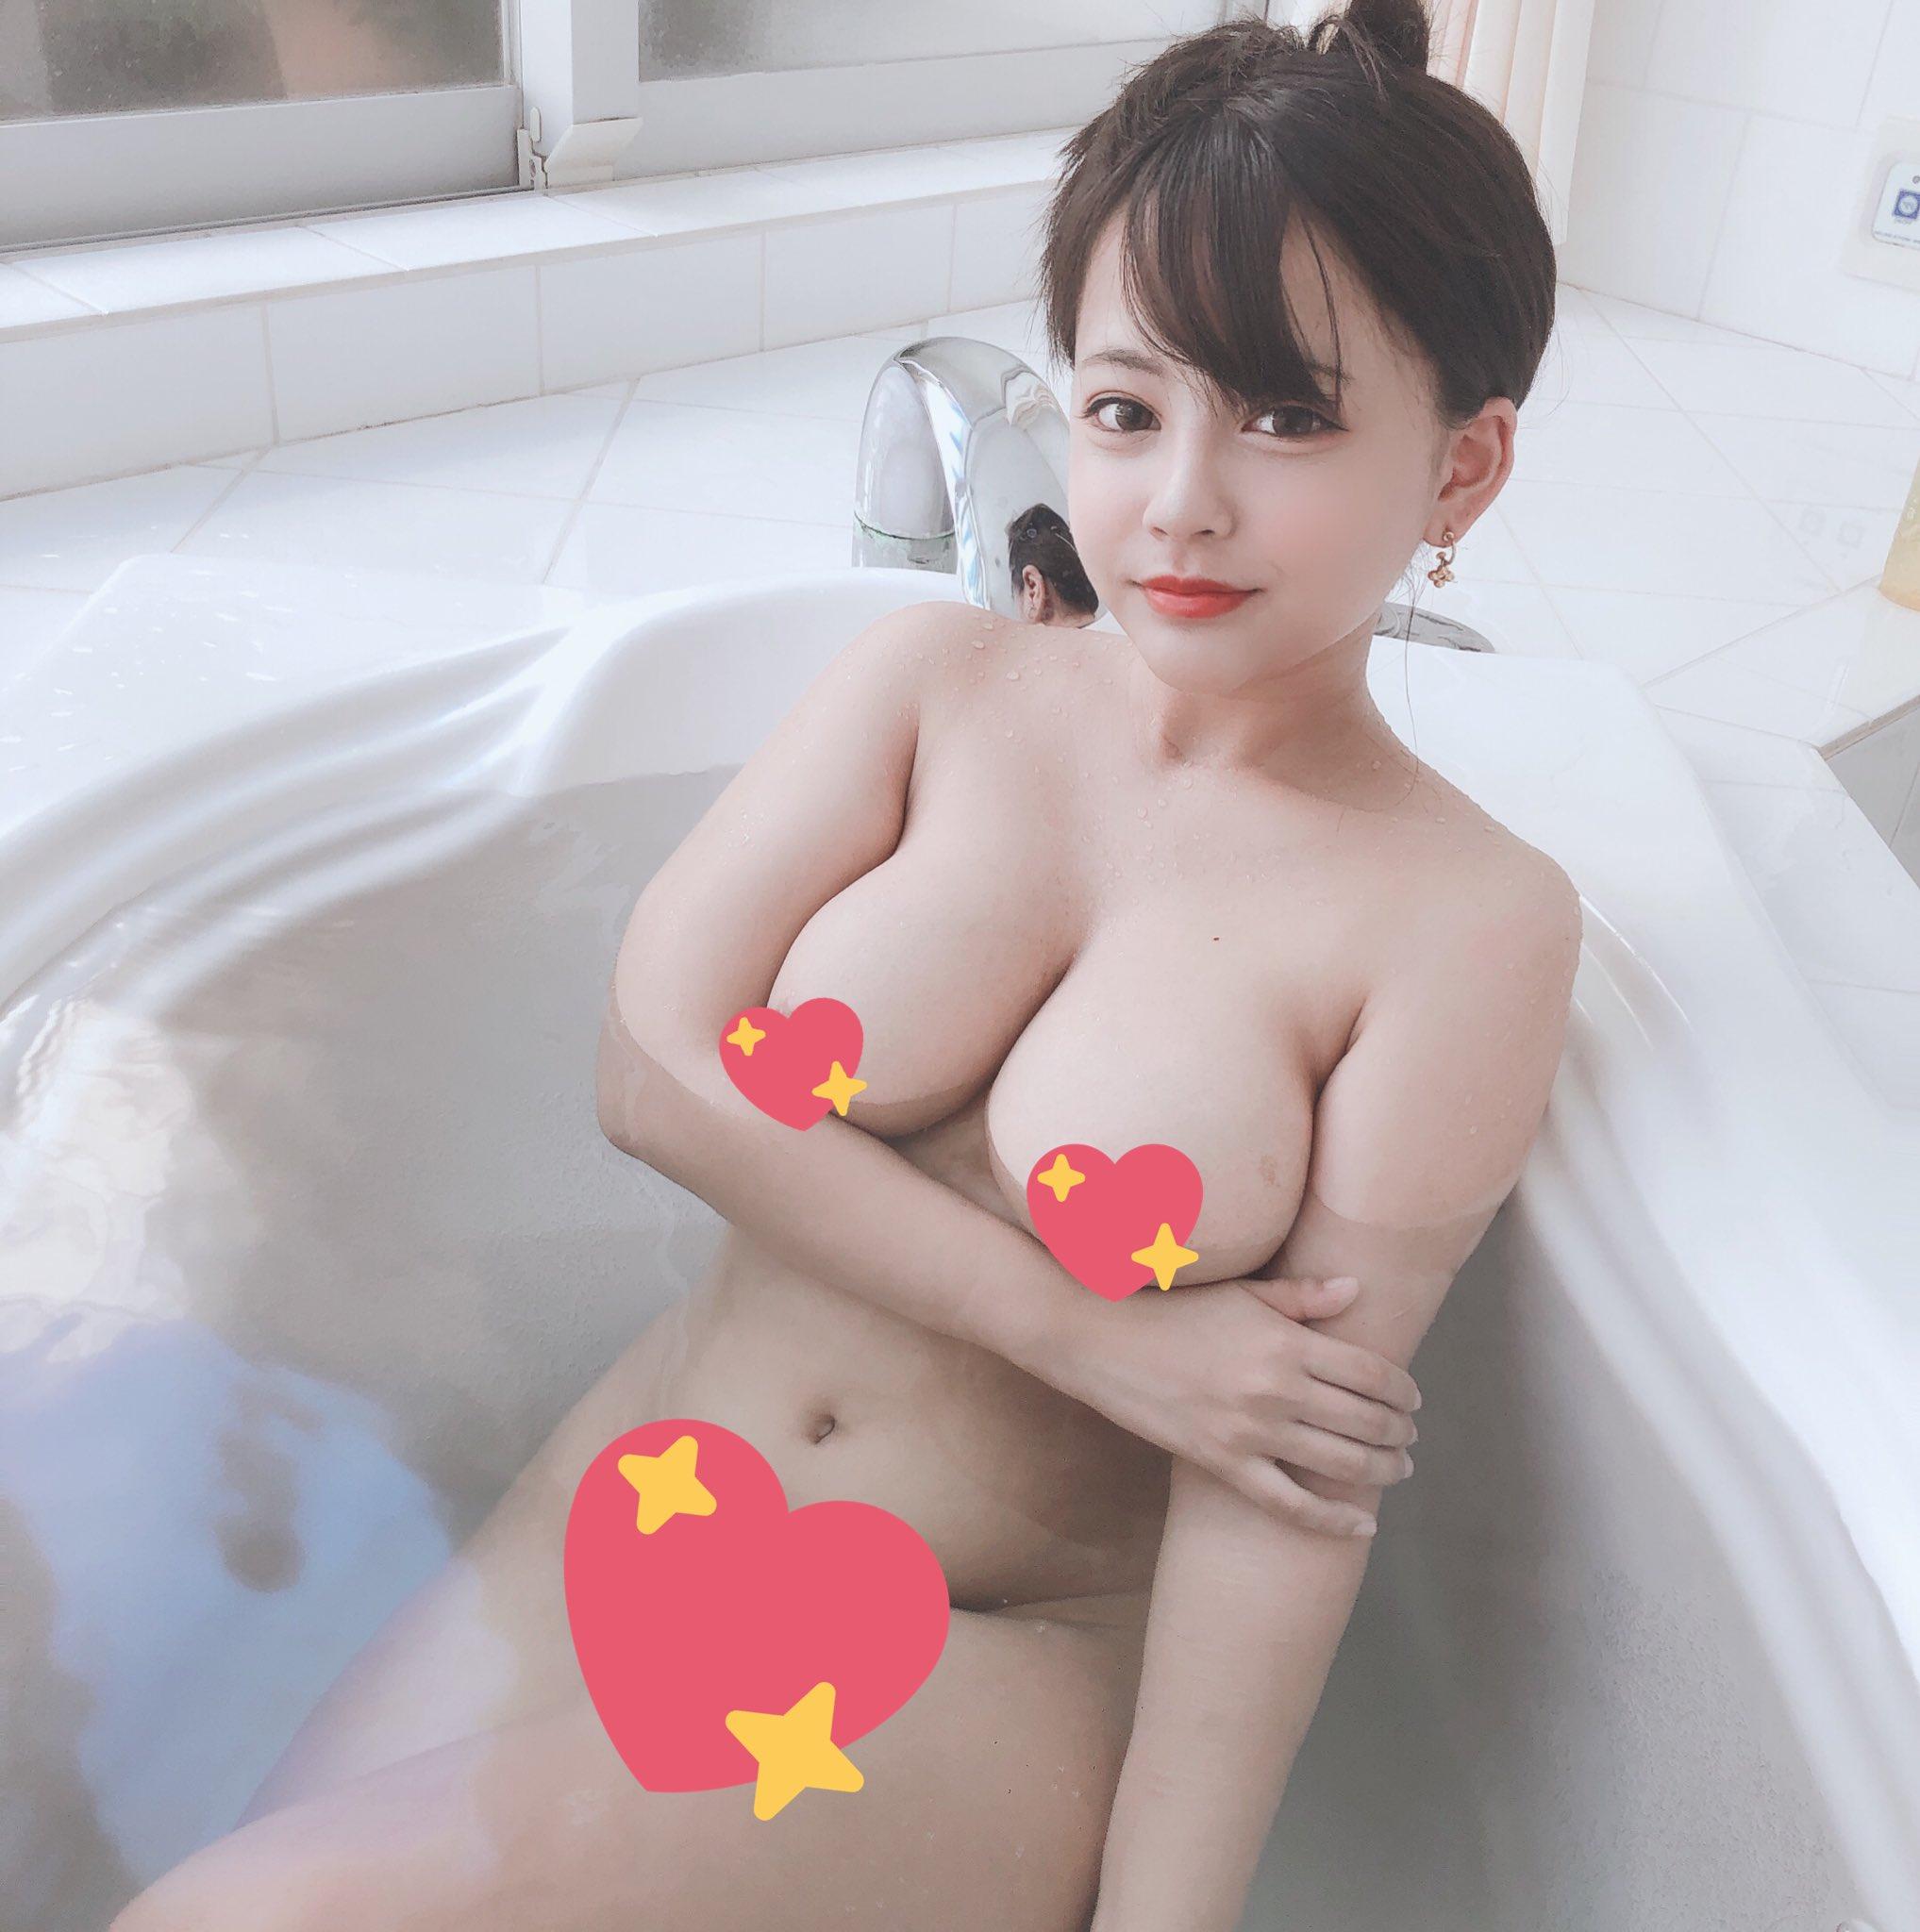 【夕美しおんエロ画像】ミニマムなのにデカパイ&デカ尻なムチムチ娘・夕美しおん!